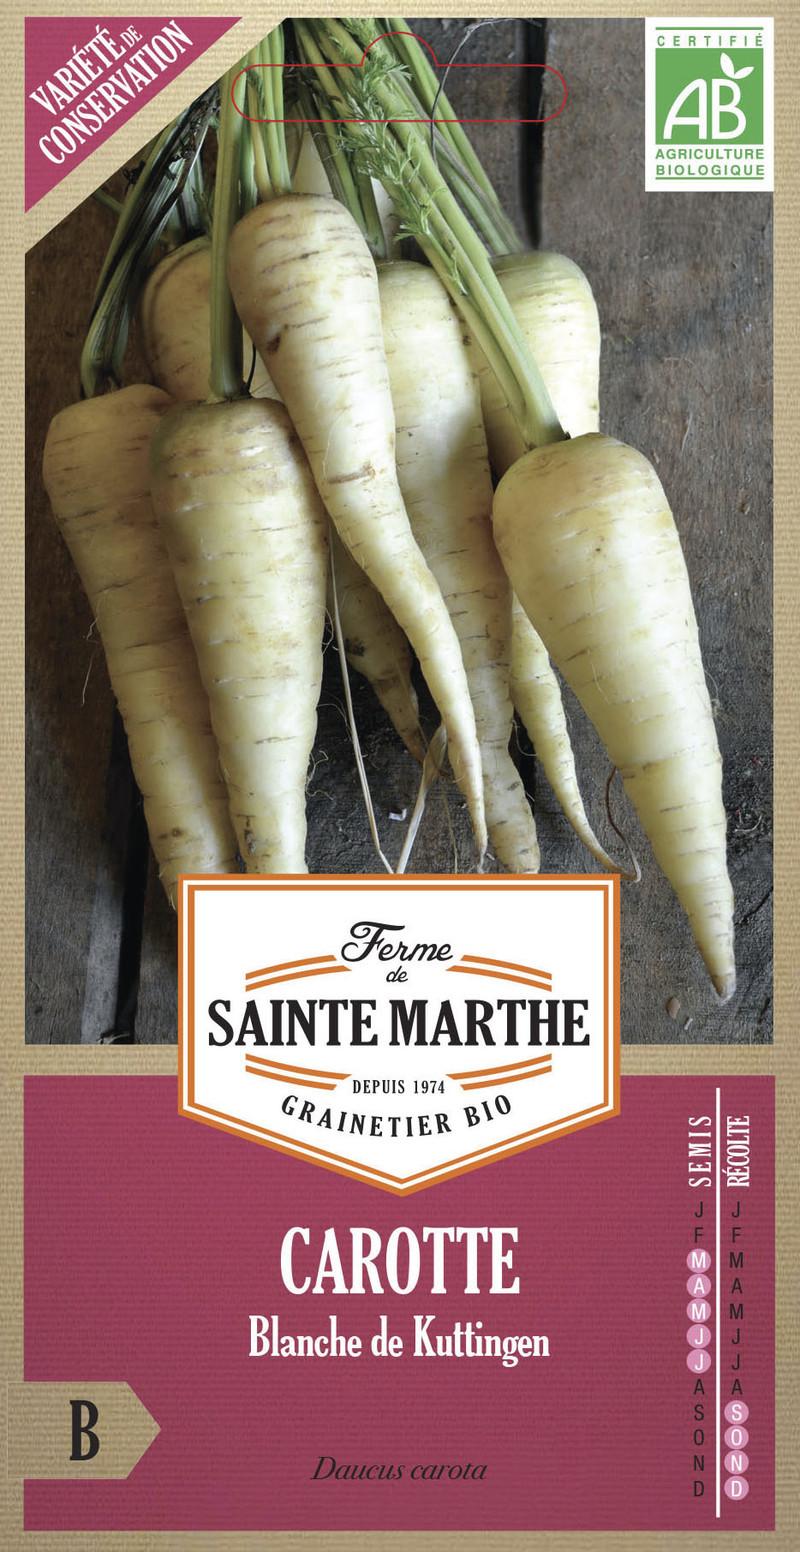 carotte blanche de kuttingen bio la ferme de sainte marthe graine semence potager sachet semis - Voir en grand